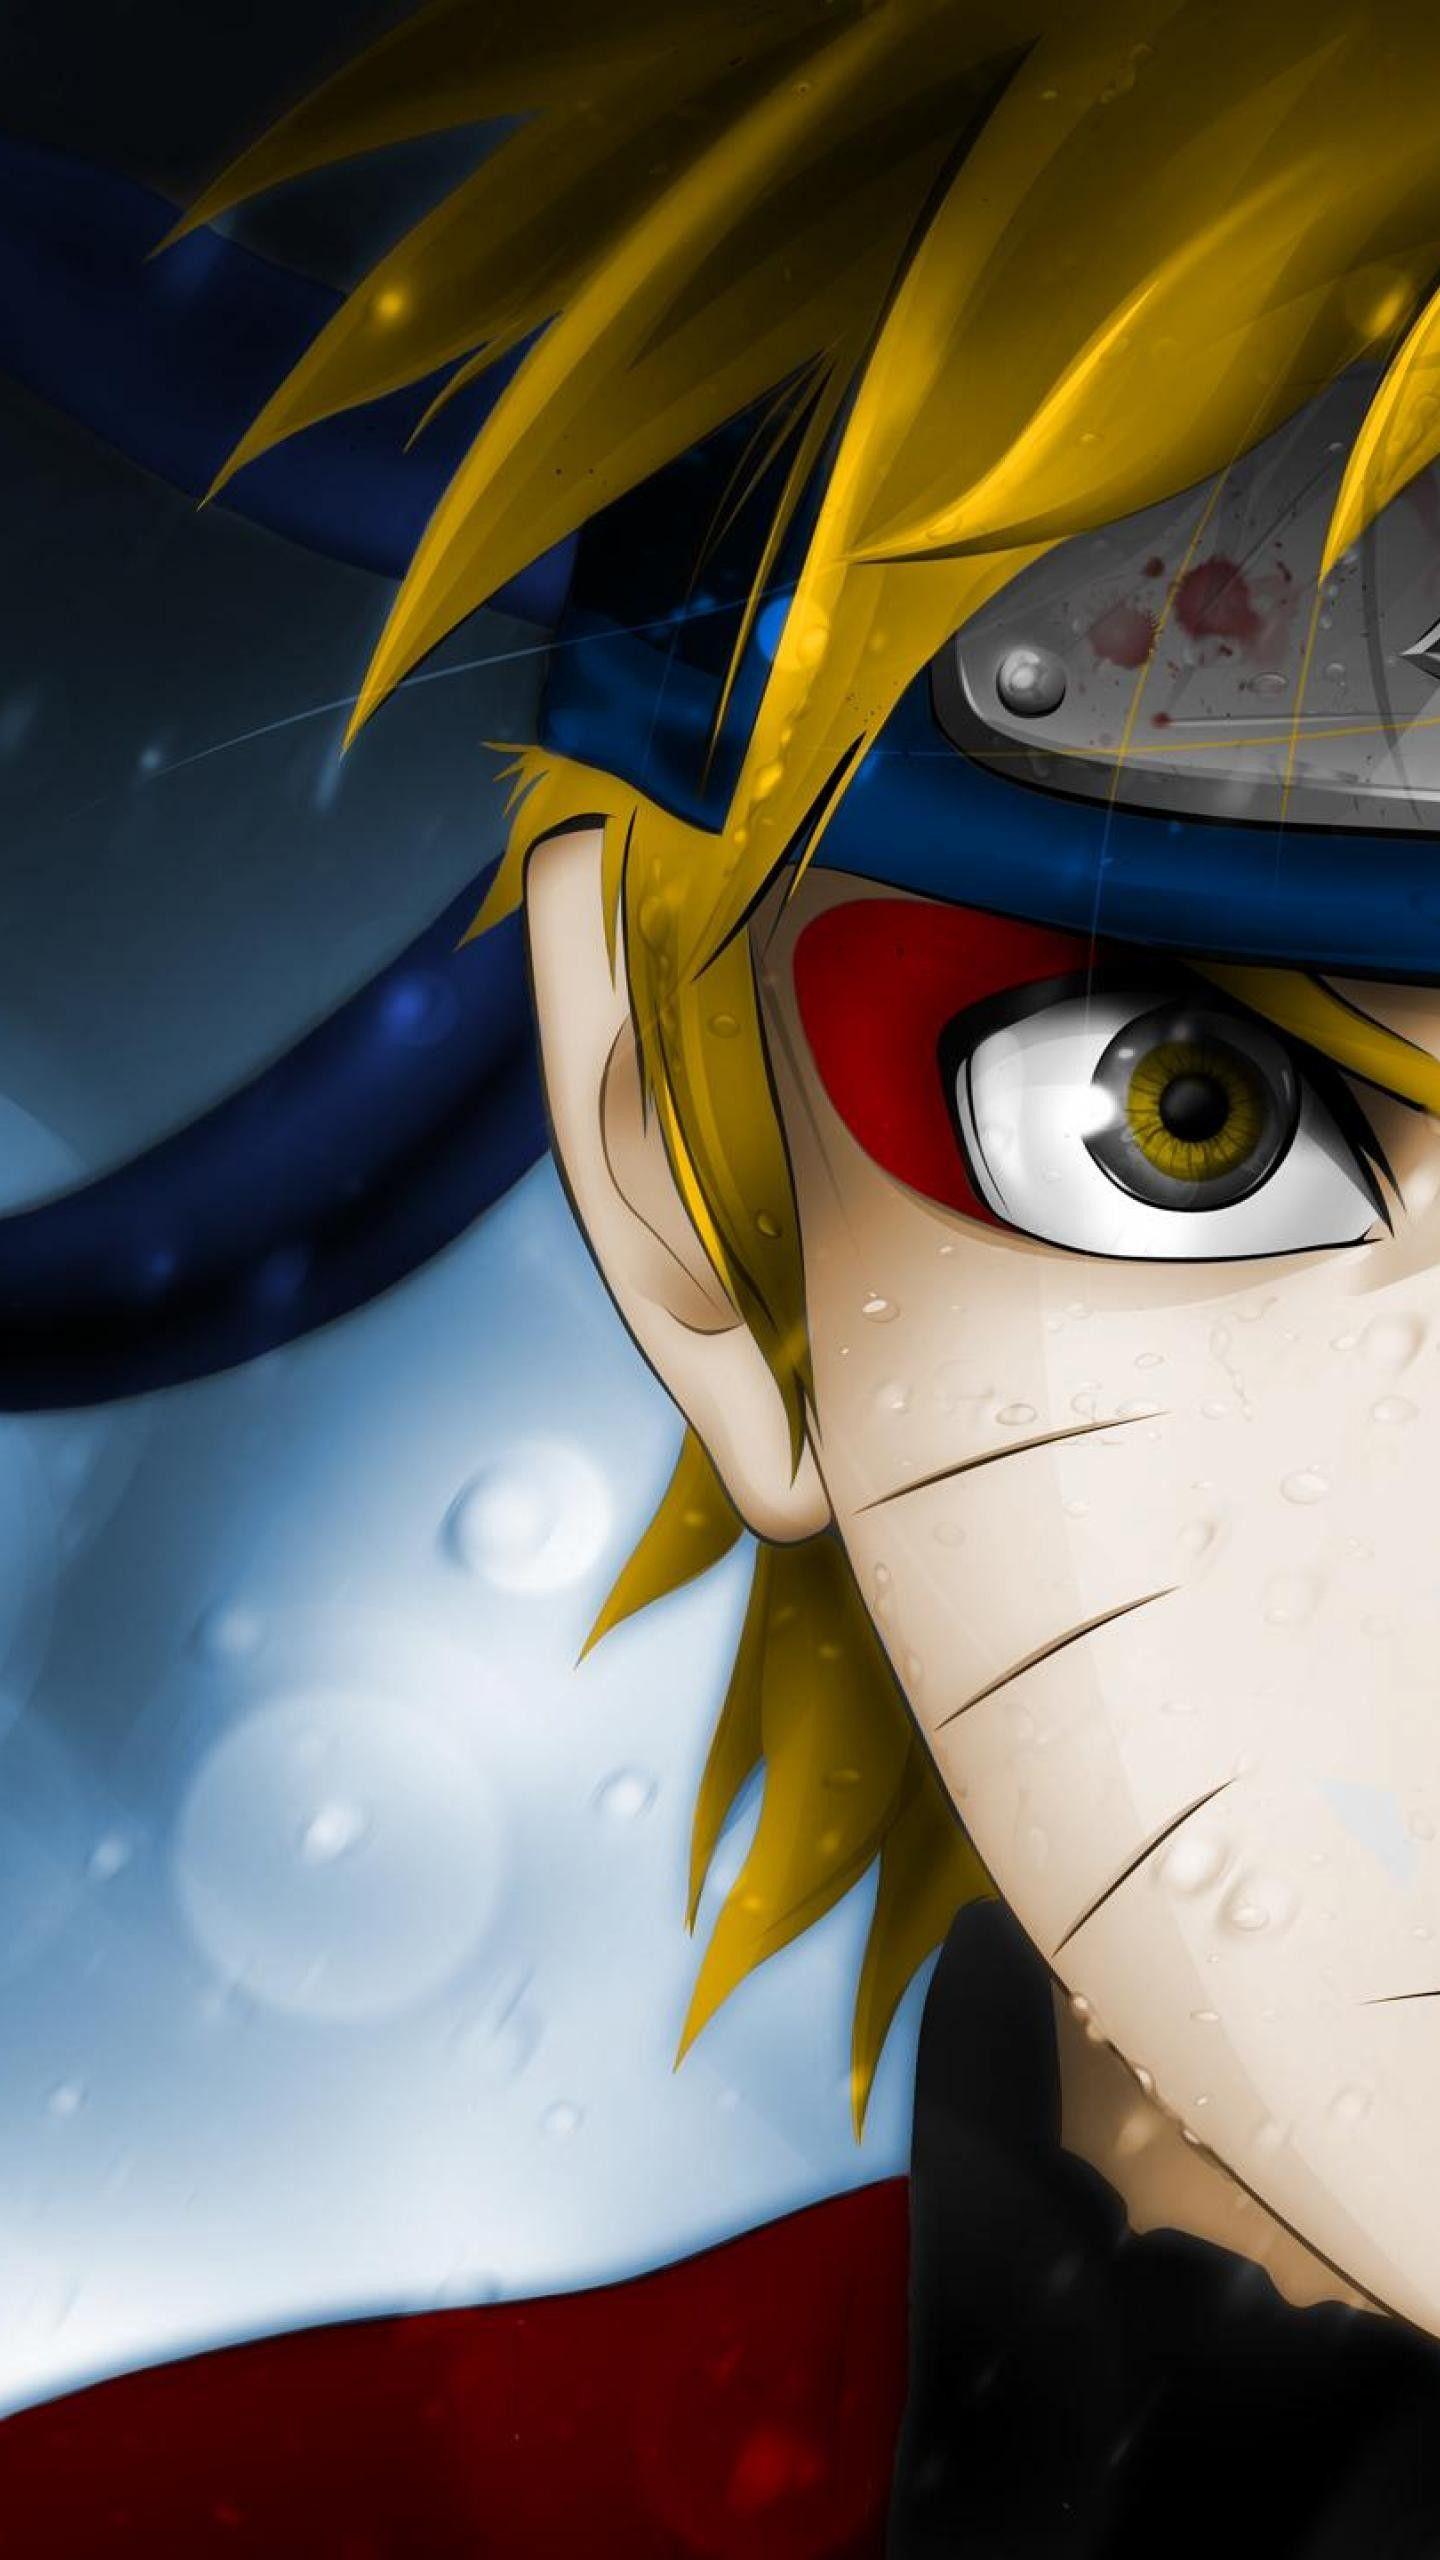 78 Naruto Wallpapers On Wallpaperplay Naruto Sharingan Naruto Shippuden Sasuke Naruto E Sasuke Desenho